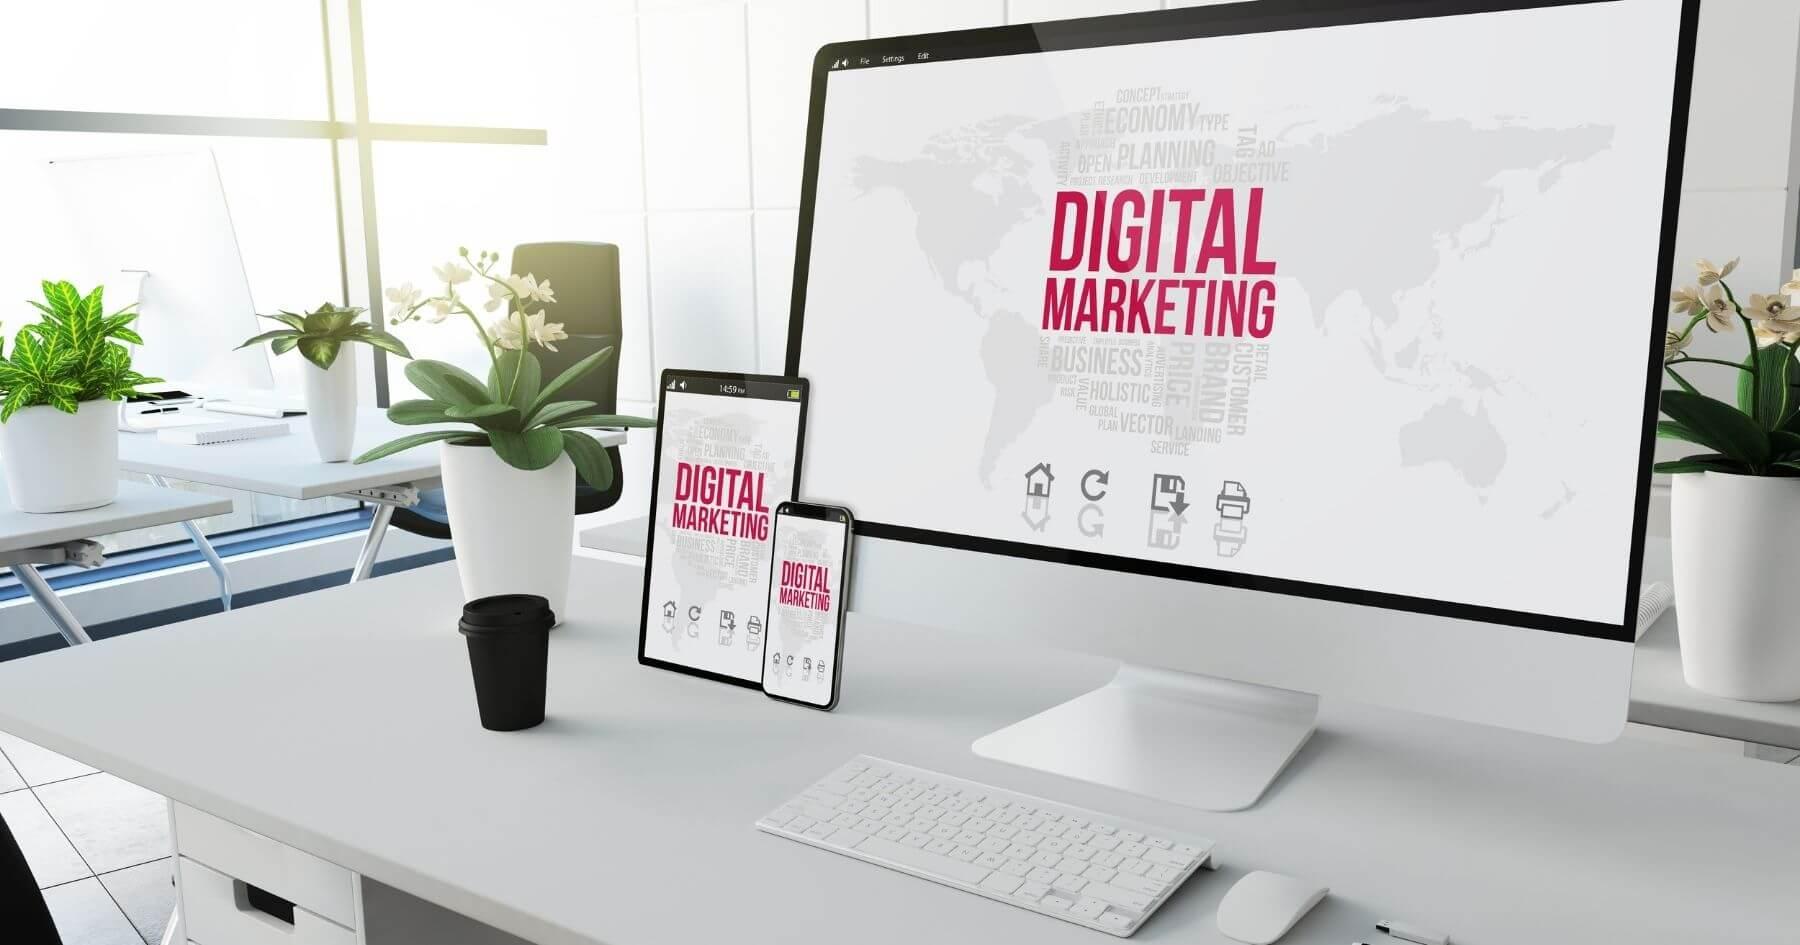 Dlaczego warto promować biznes lokalny w internecie?